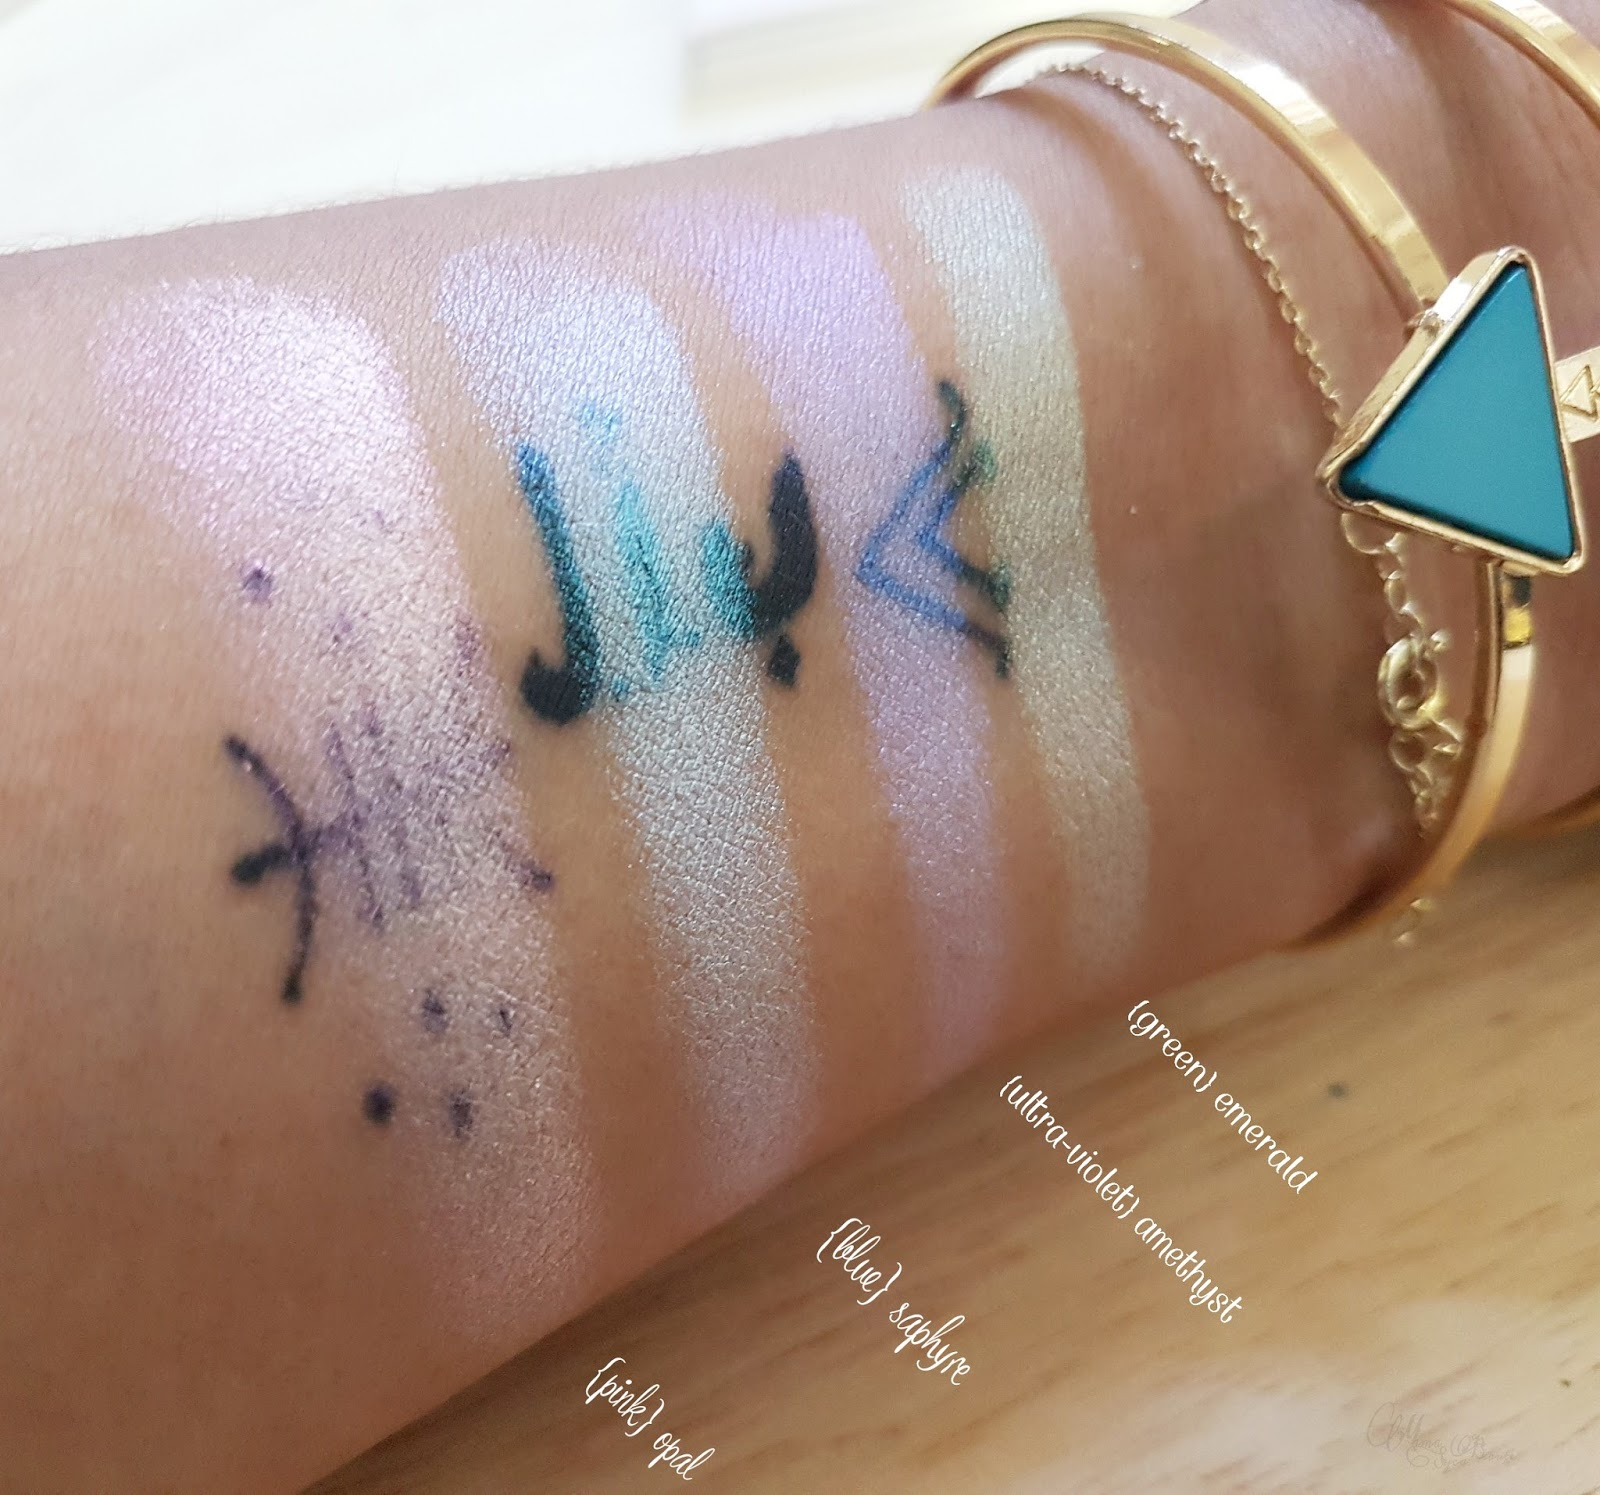 alchemist_holographic_palette_kat_von_d_swatch_dupe_makeup_avis_code_promo